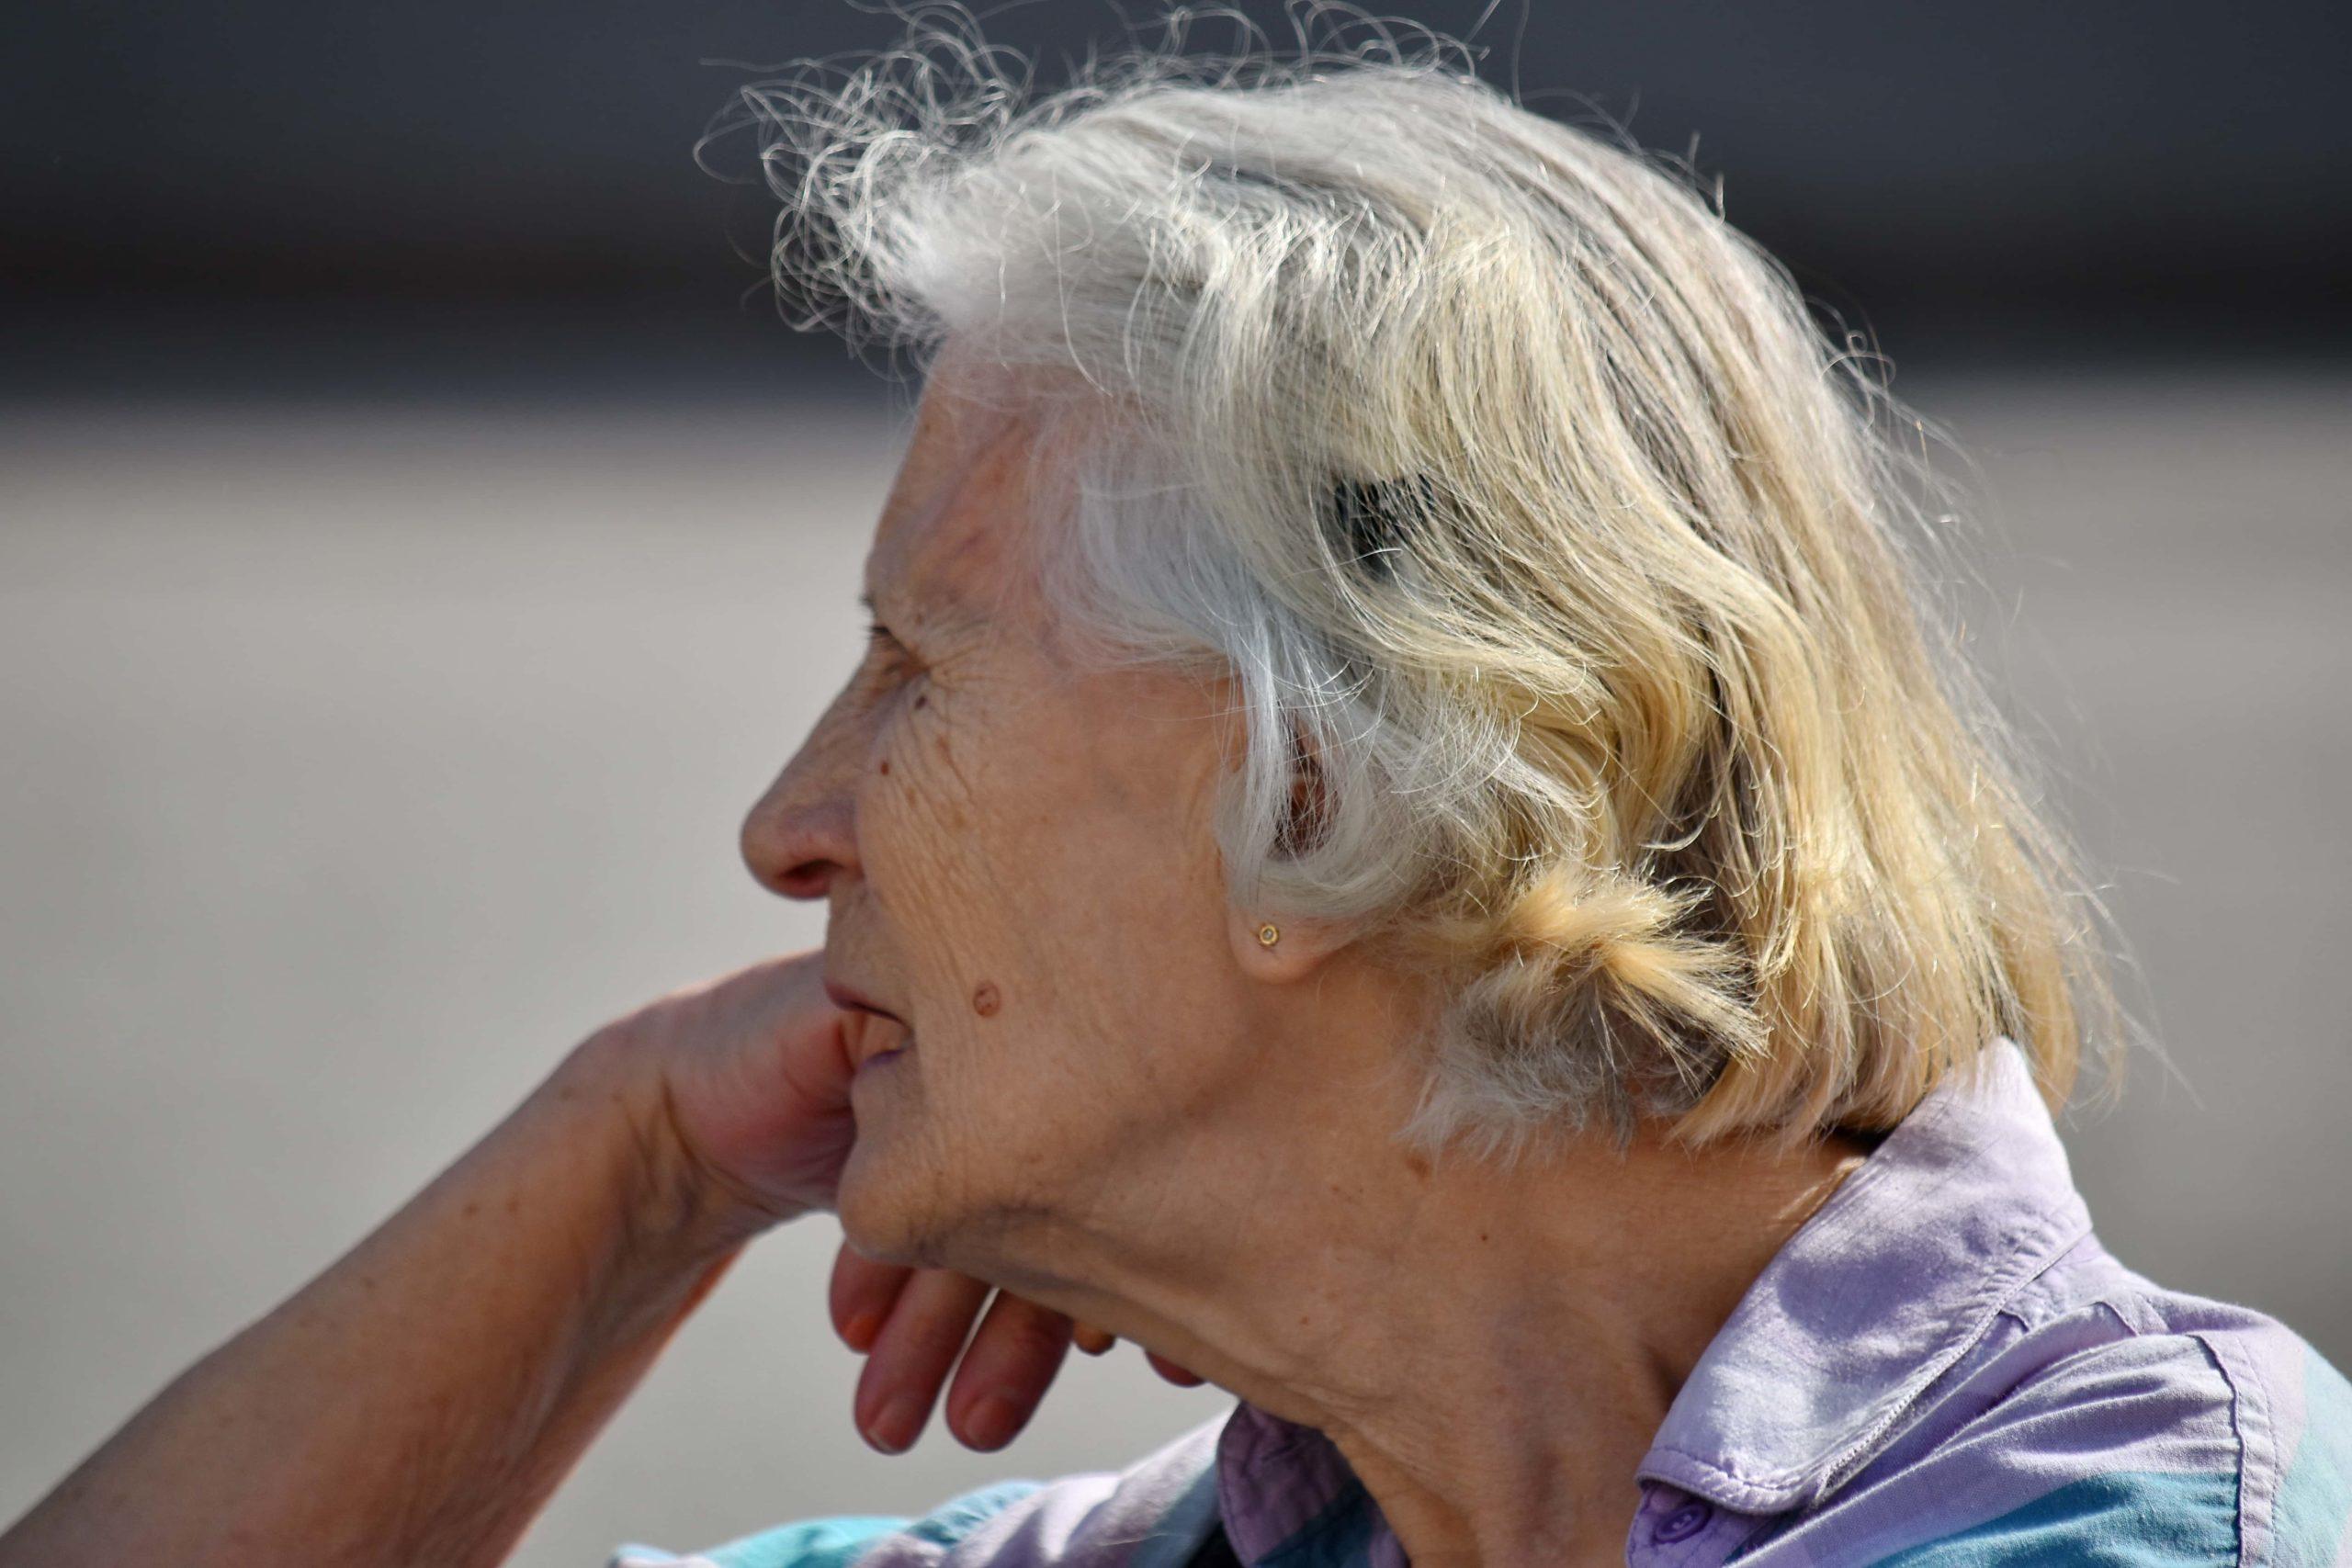 Минтруд предлагает смягчить условия для досрочного выхода на пенсию